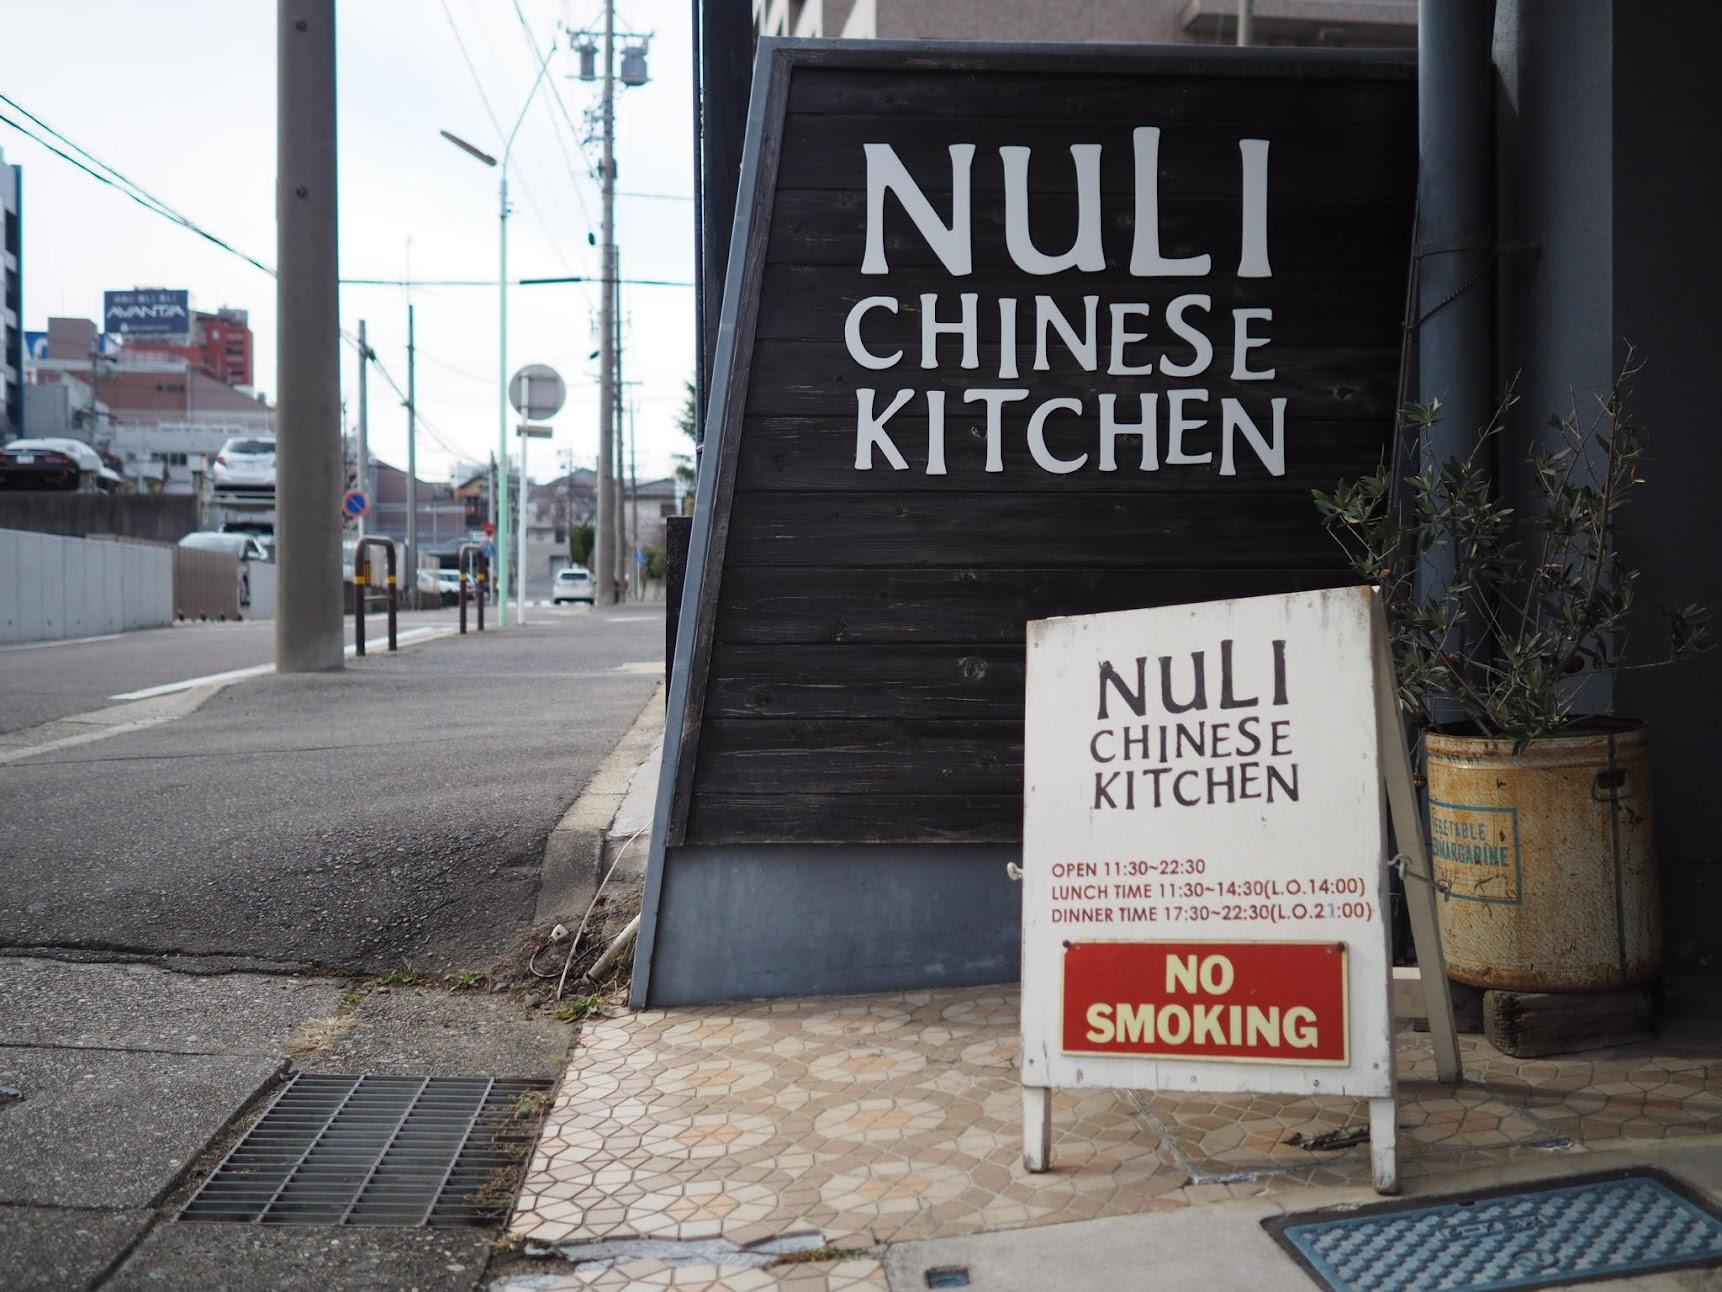 ヌーリーチャイニーズキッチンの看板